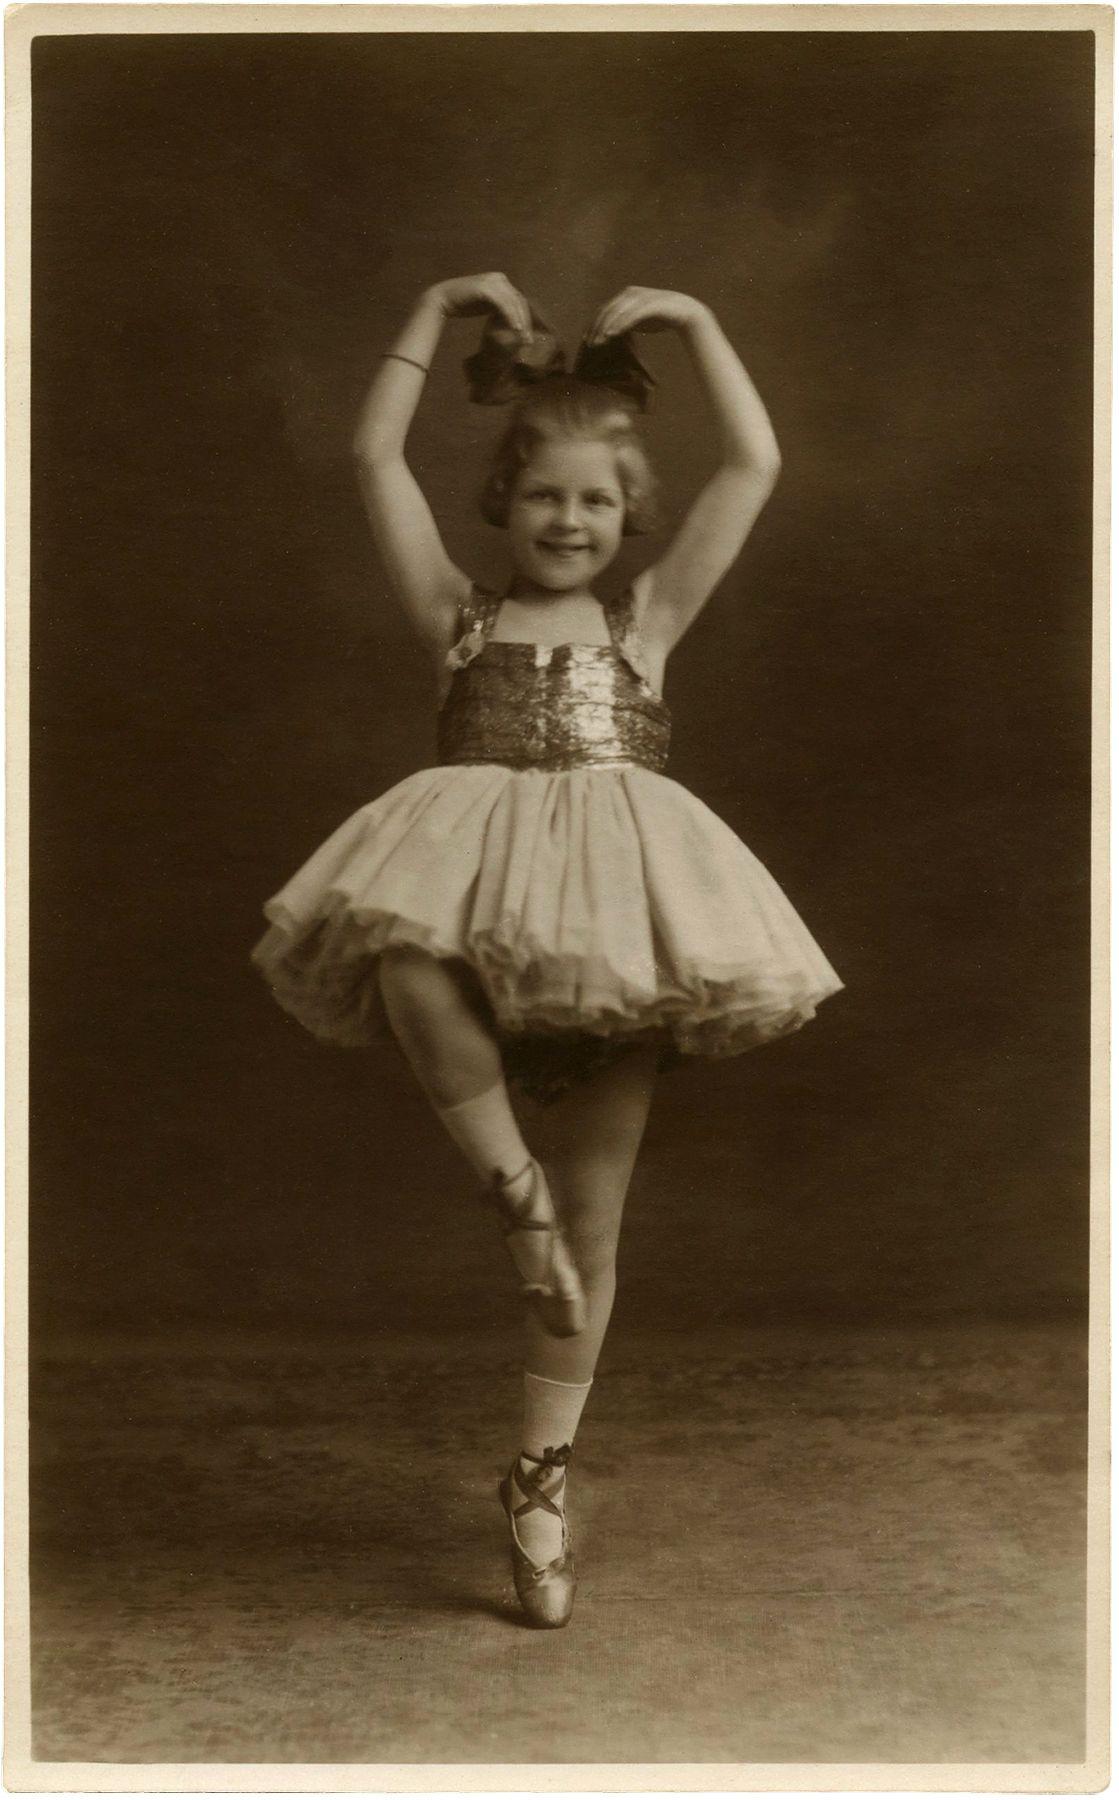 Vintage Kids Books My Kid Loves Koko S Kitten: Free Vintage Clip Art - Ballerina